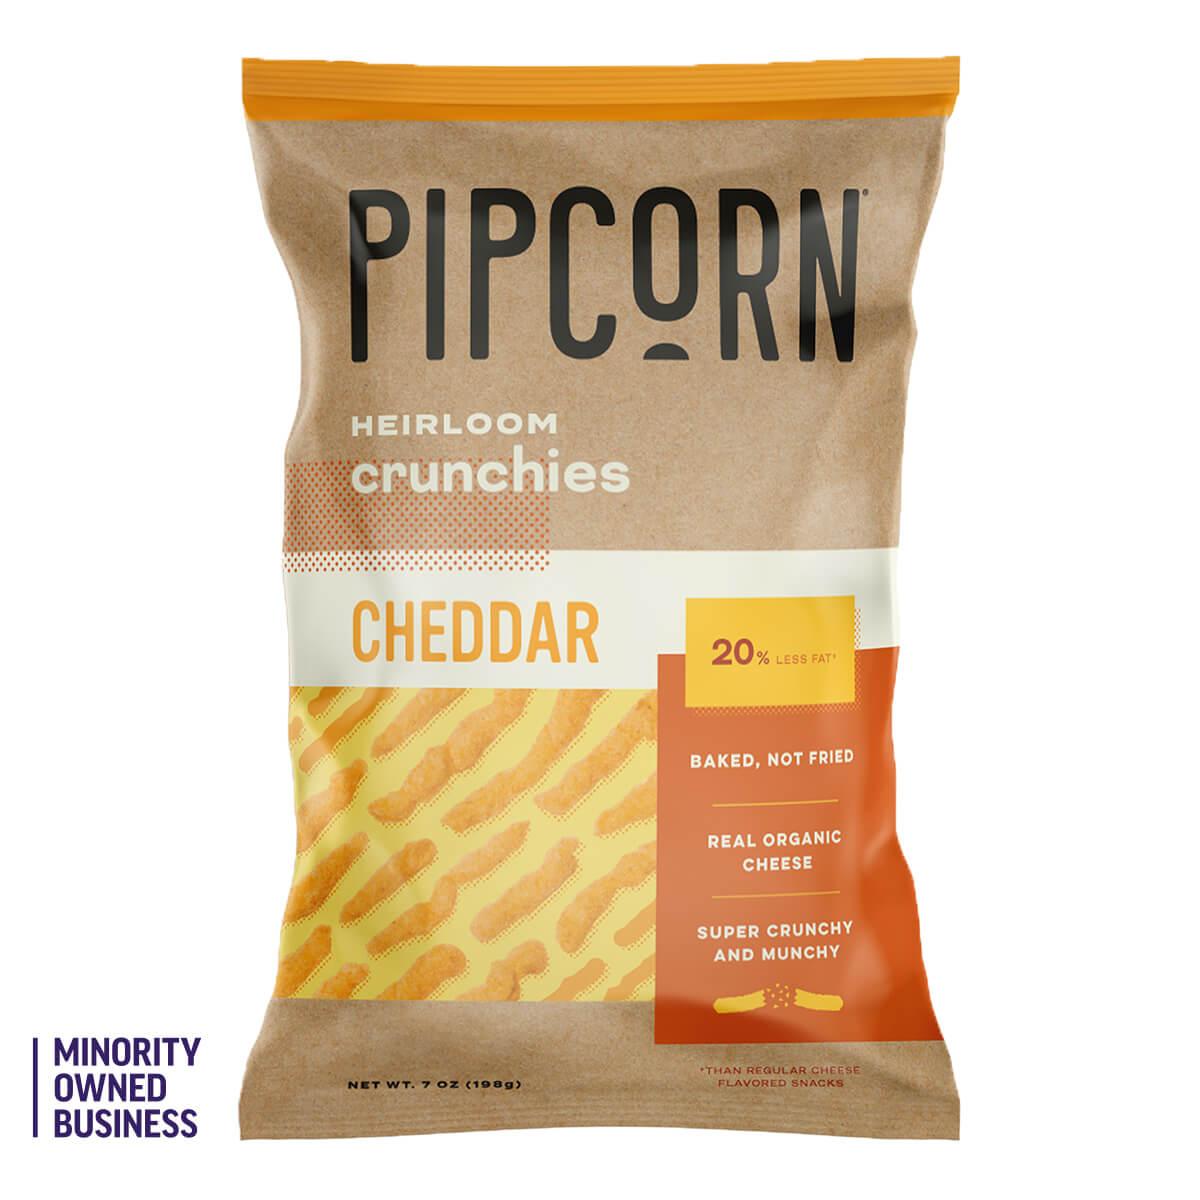 Pipcorn Cheddar Crunchies